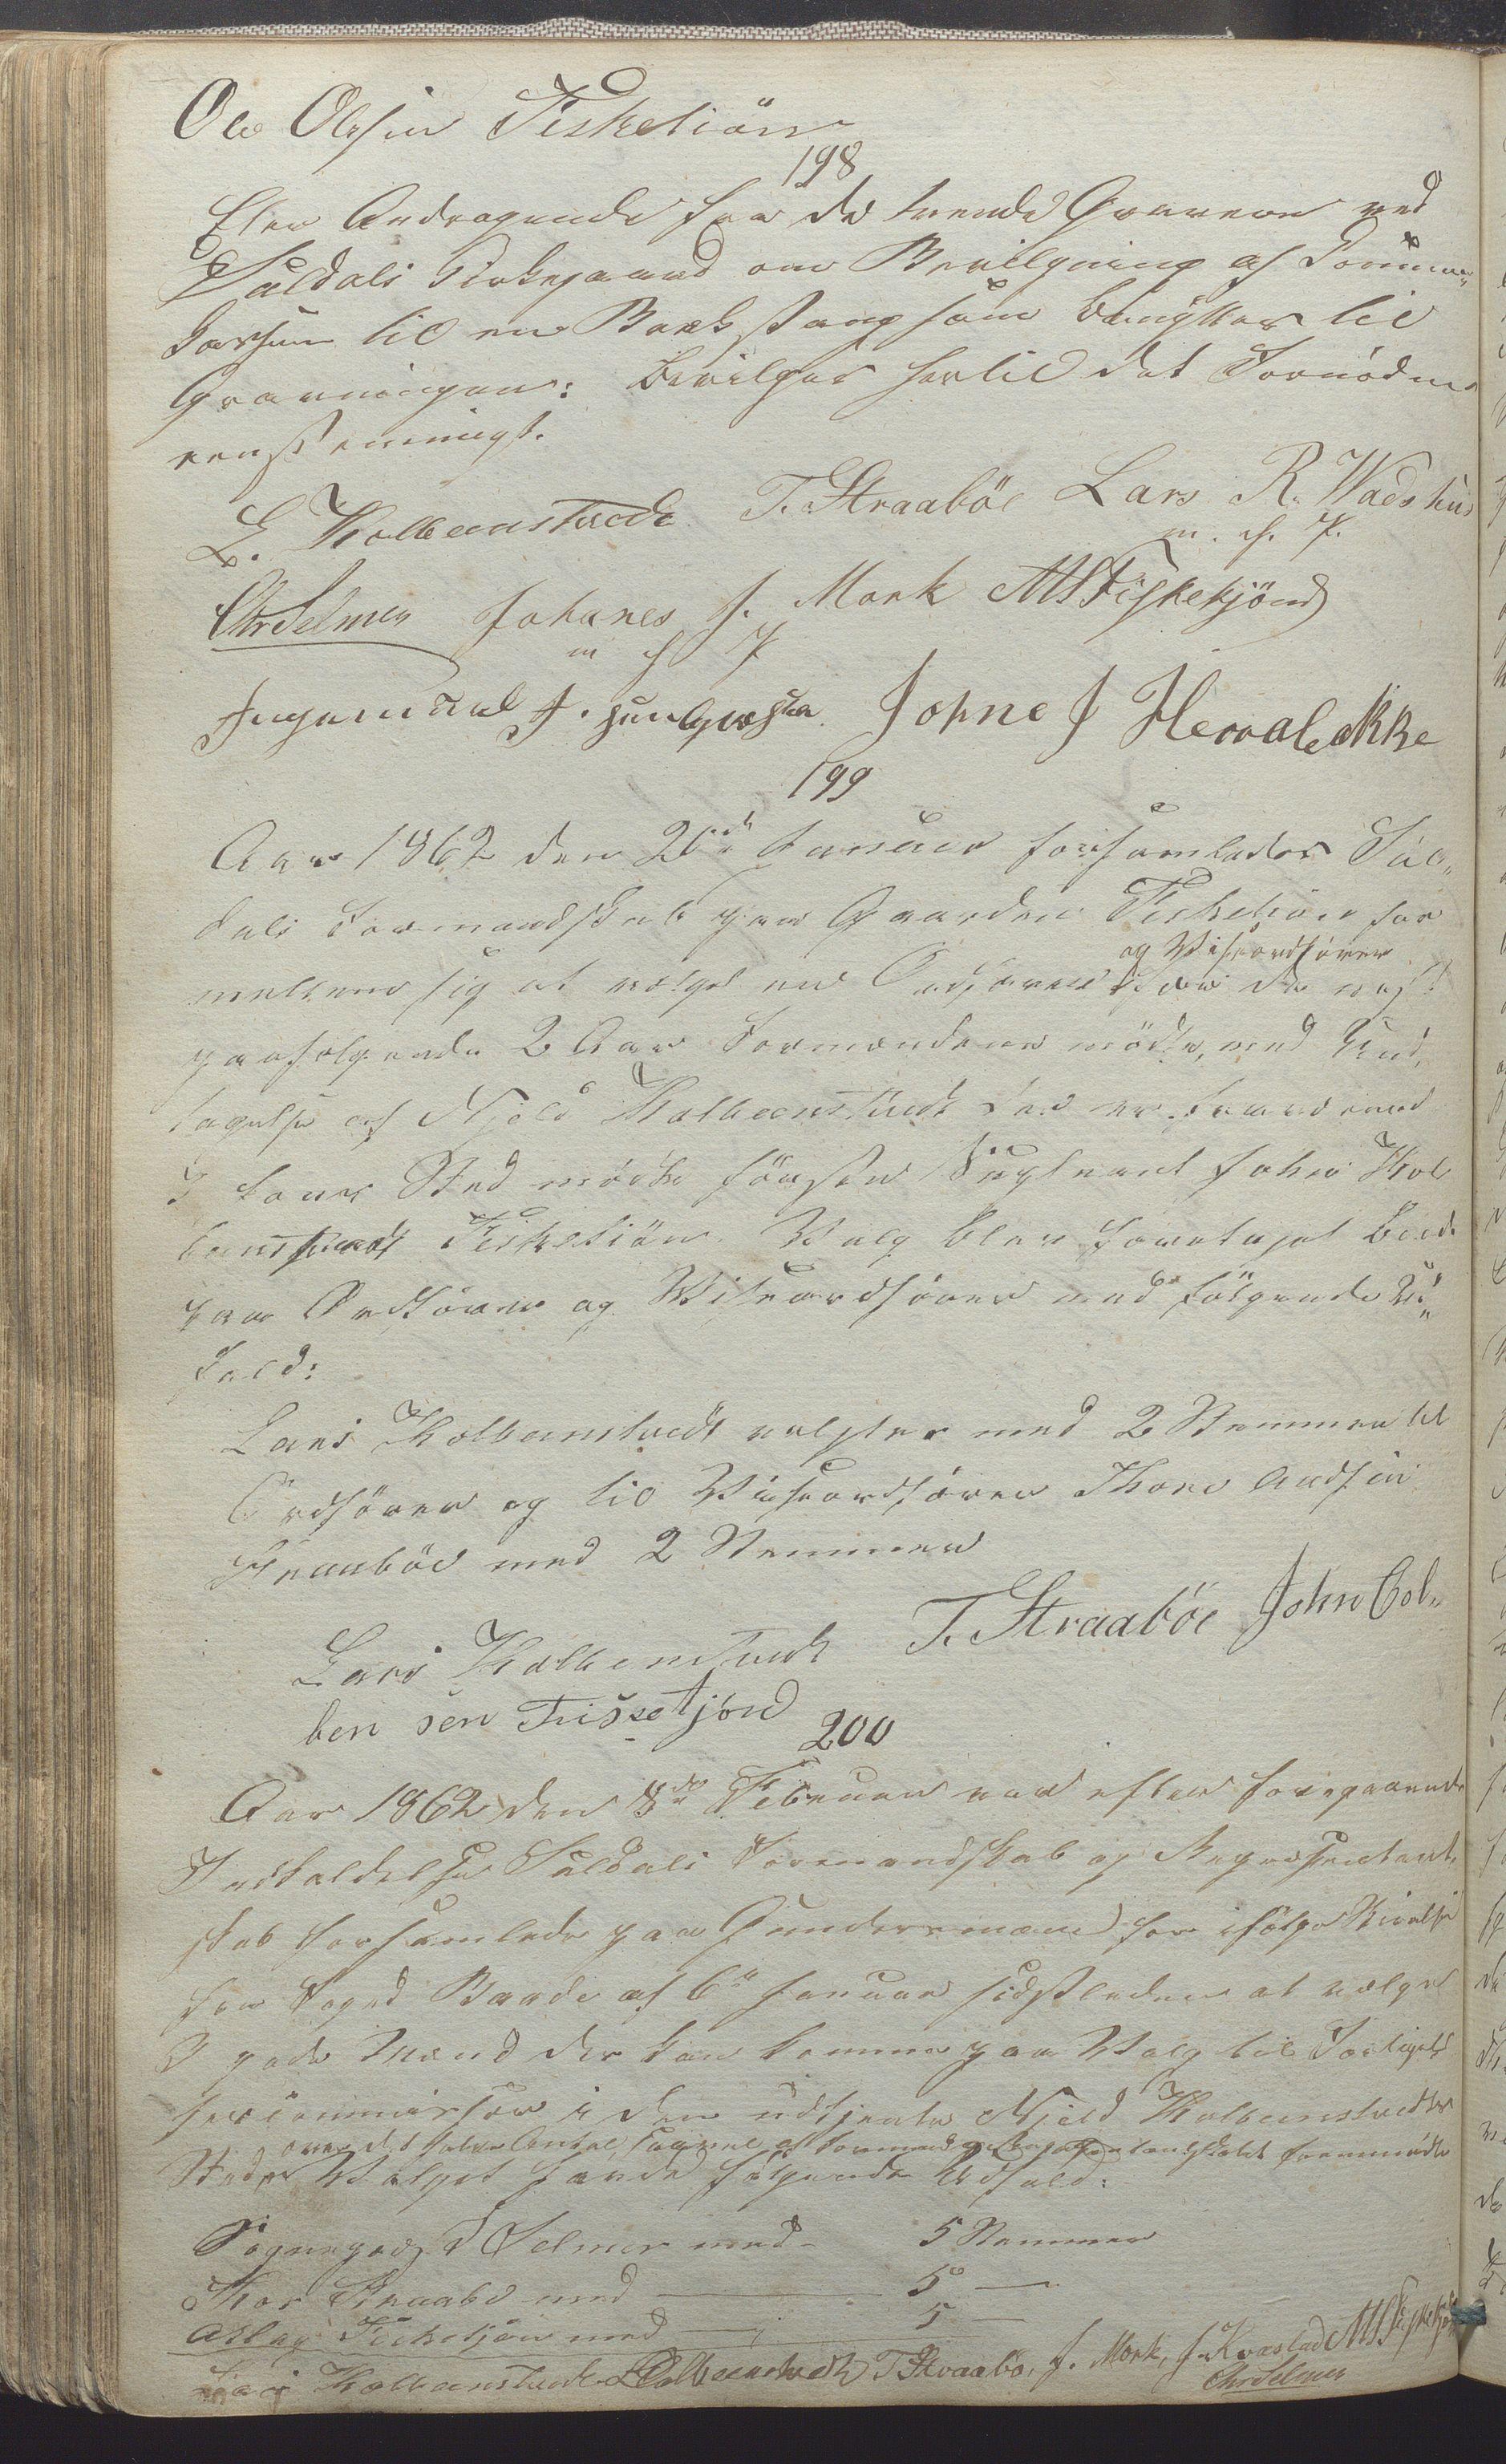 IKAR, Suldal kommune - Formannskapet/Rådmannen, A/Aa/L0001: Møtebok, 1837-1876, s. 143b